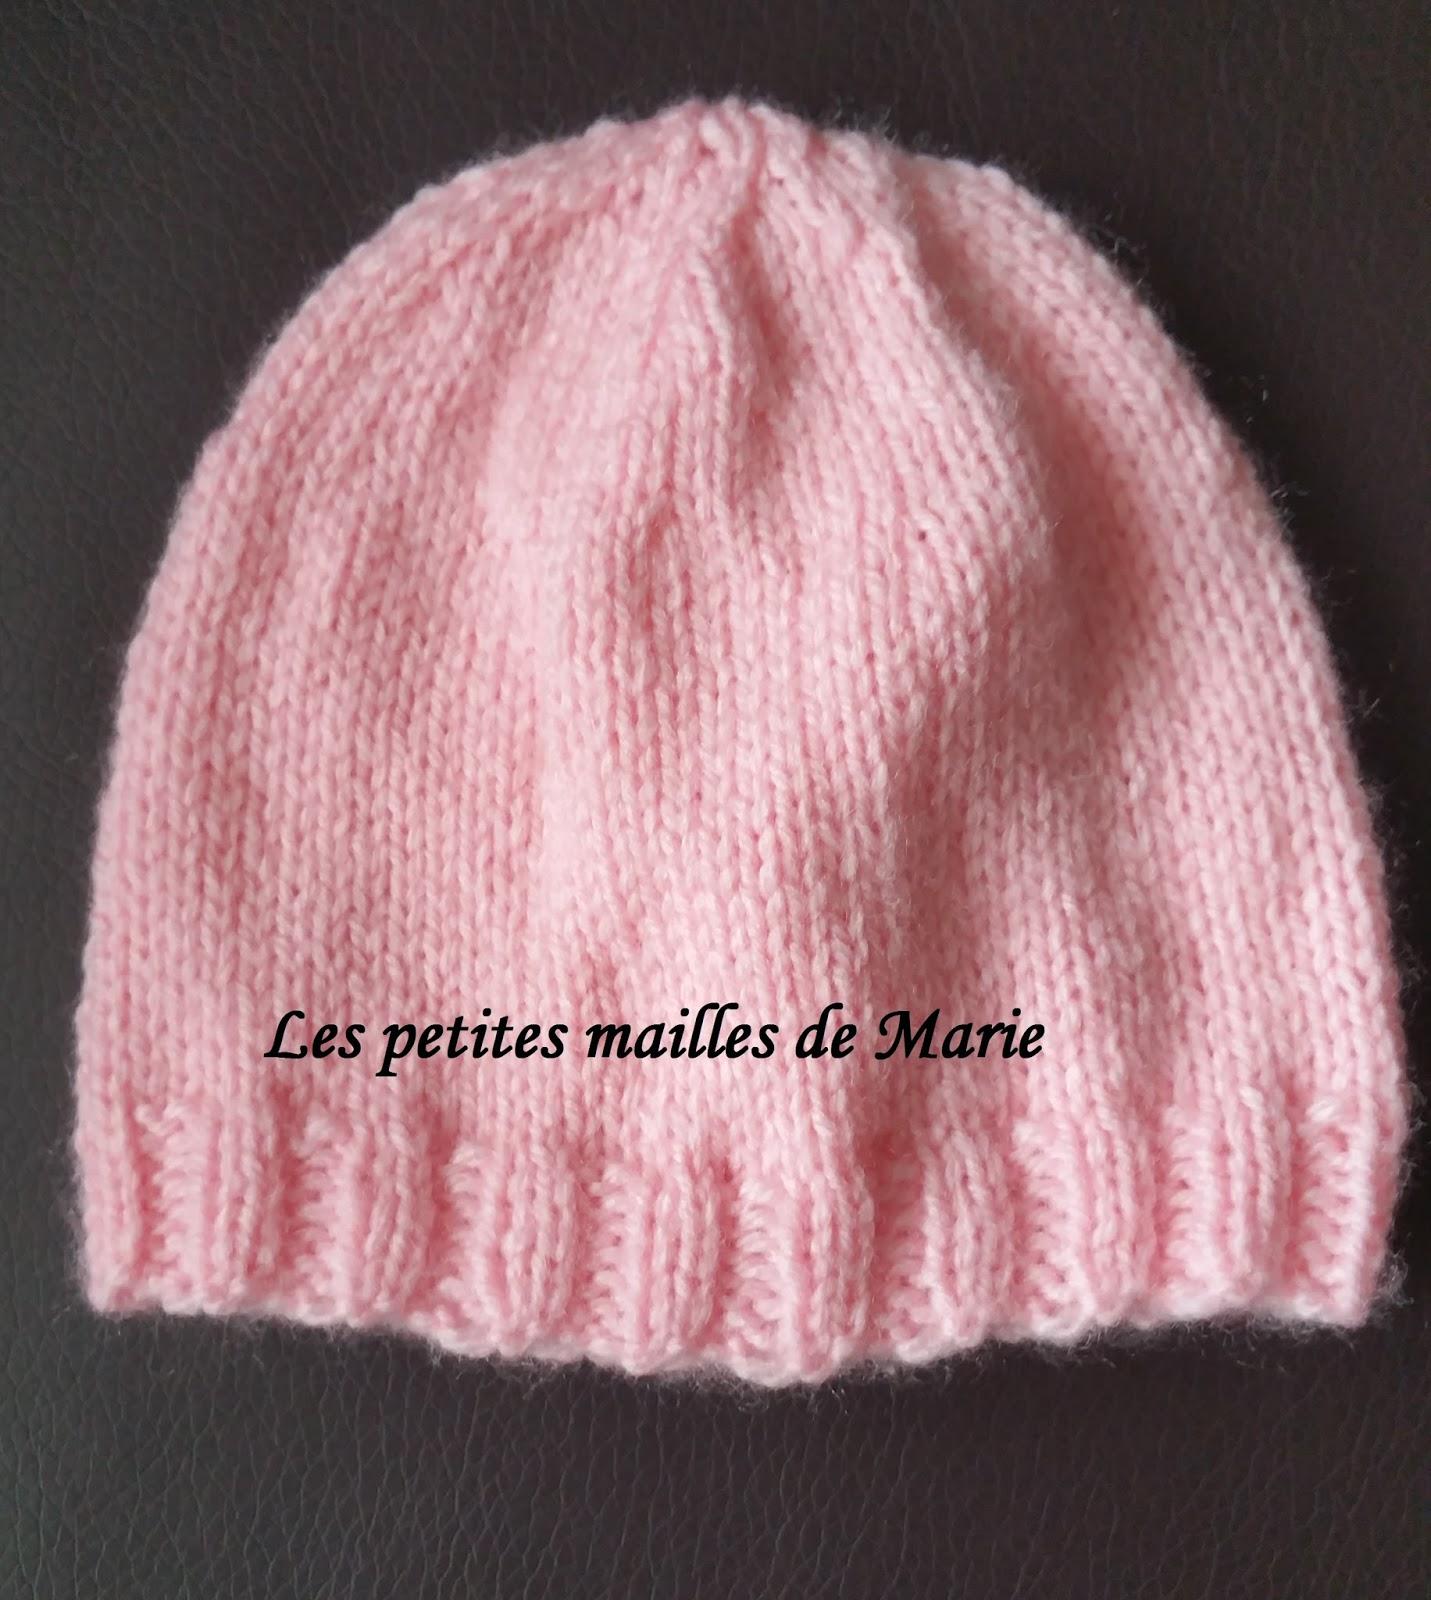 57d5400359e4 Aujourd hui je vais vous montrer comment tricoter un bonnet taille naissance,  facile à réaliser même pour les débutantes